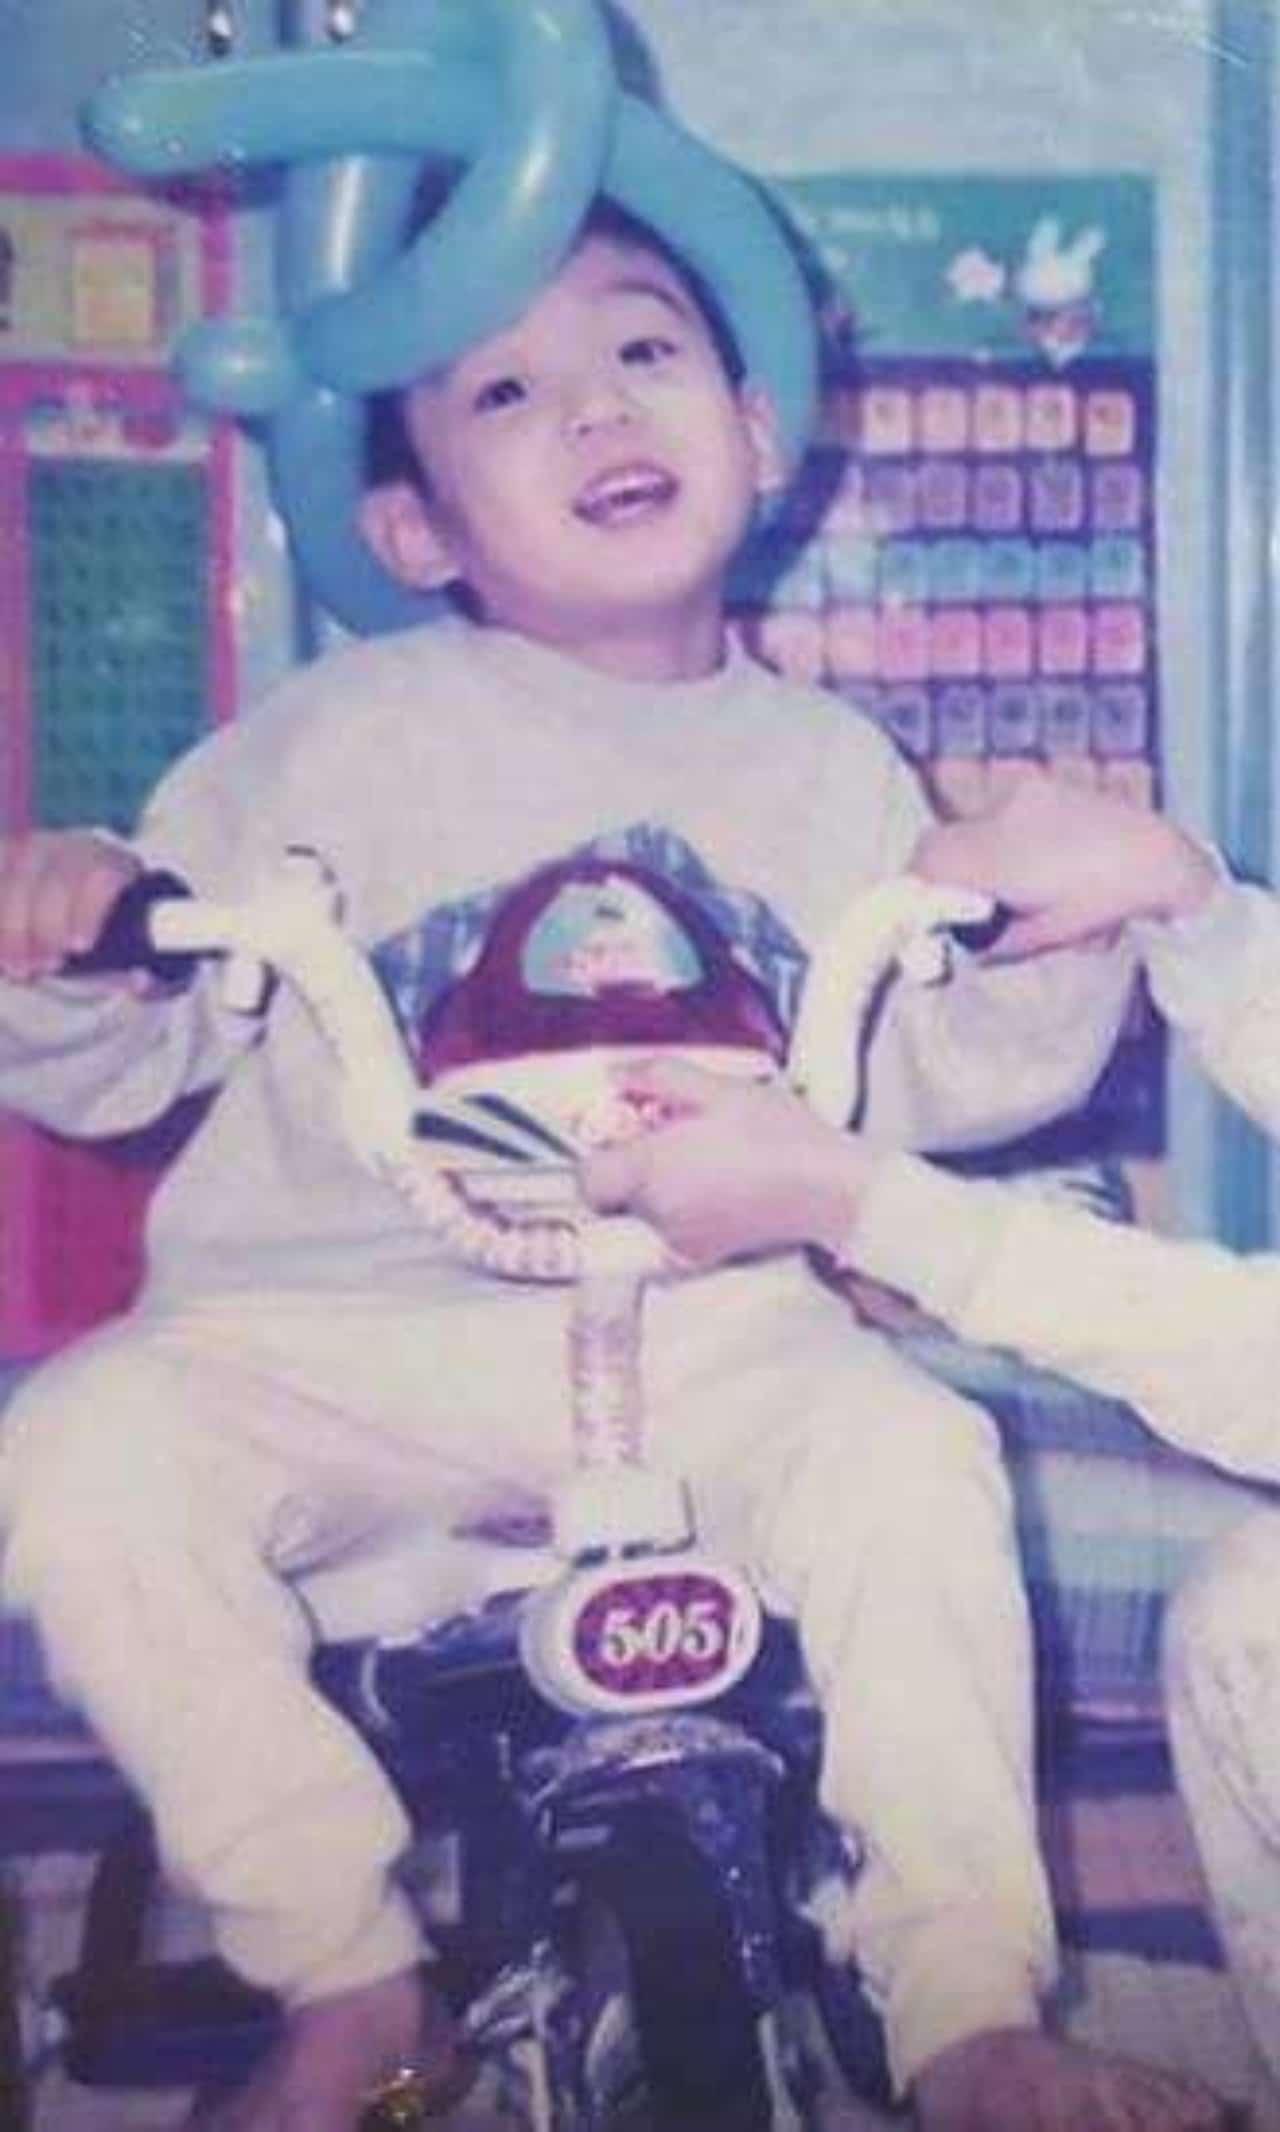 Jungkook de bebé con personalidad divertida